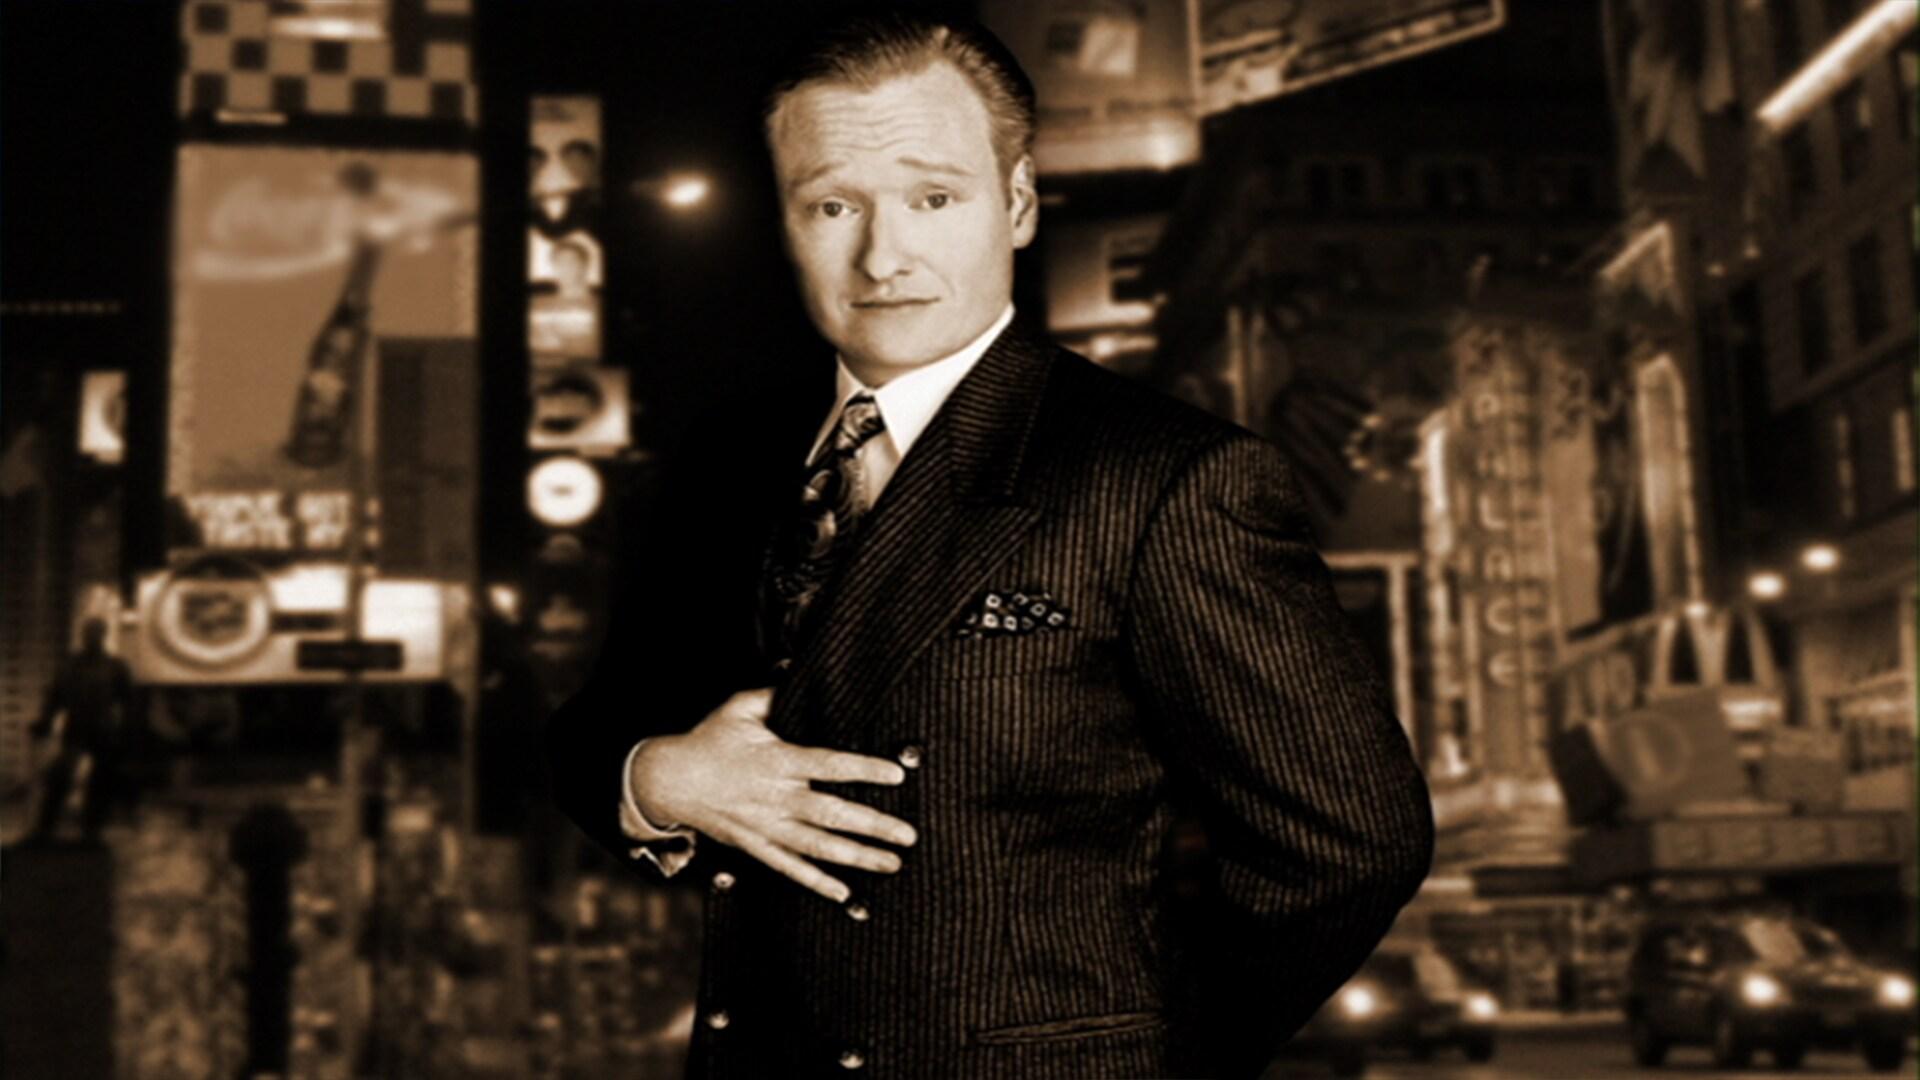 Conan O'Brien: March 10, 2001